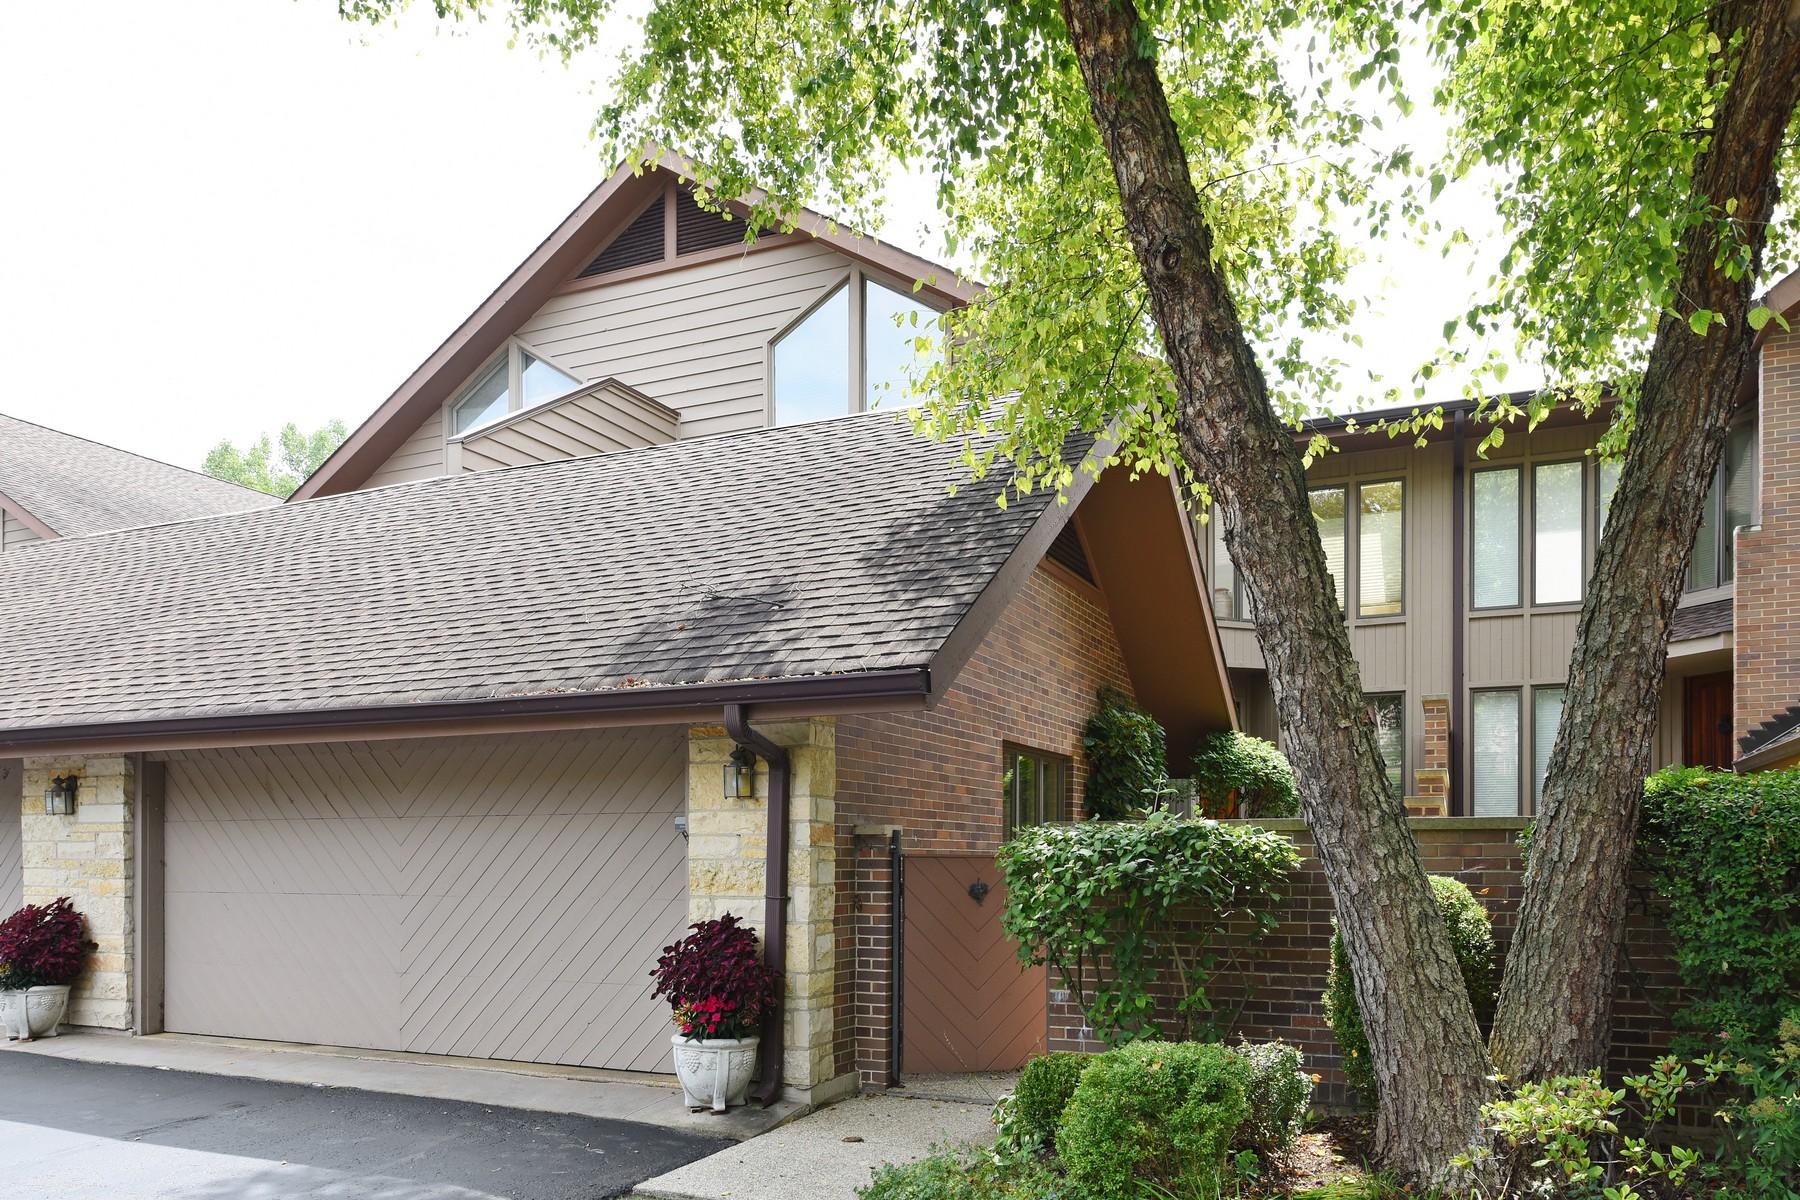 Maison unifamiliale pour l Vente à 1202 Hawthorne Hinsdale, Illinois, 60521 États-Unis